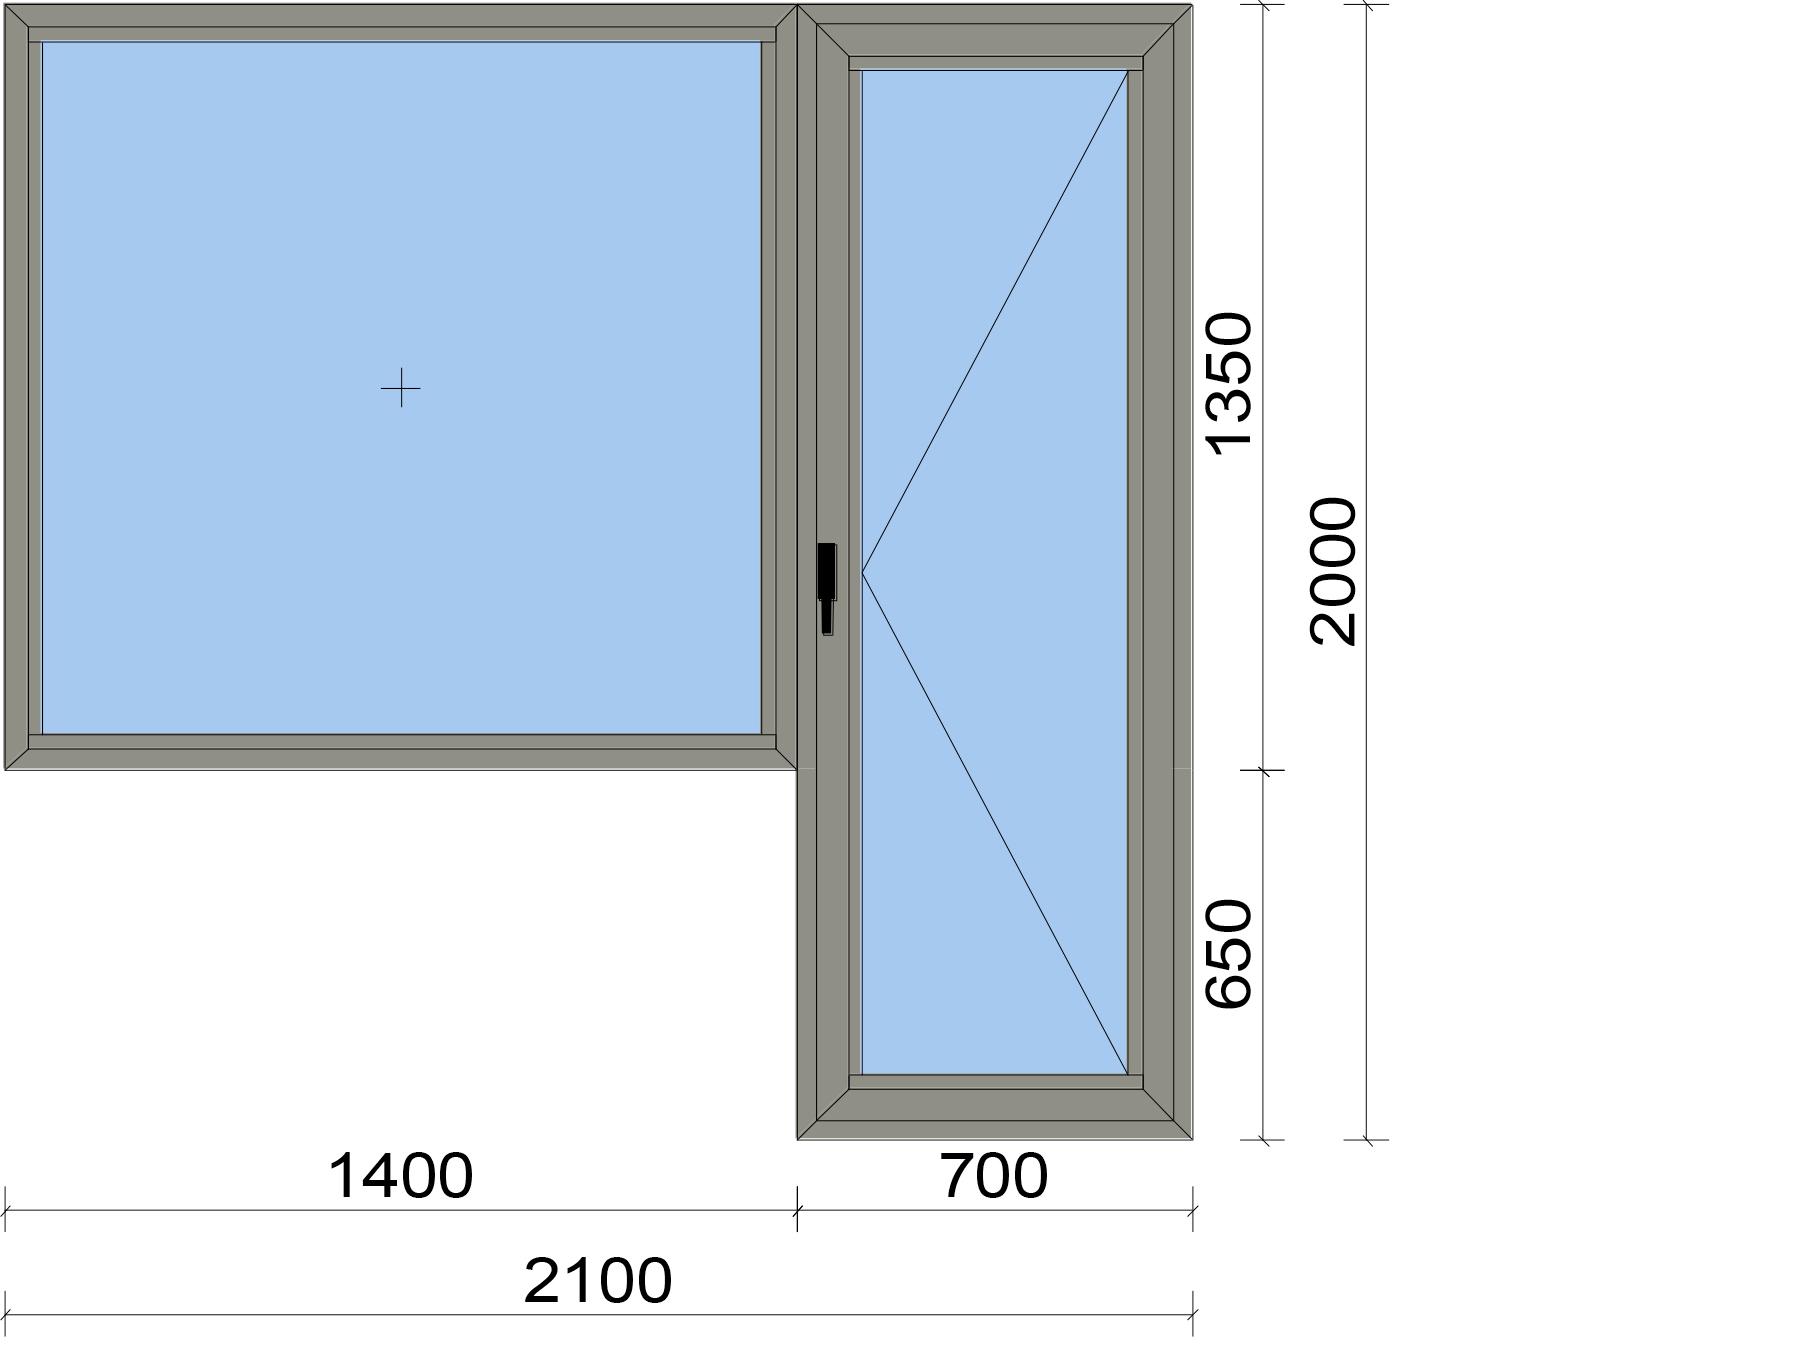 Едноосова отваряема врата с неотваряем прозорец (пистолет)